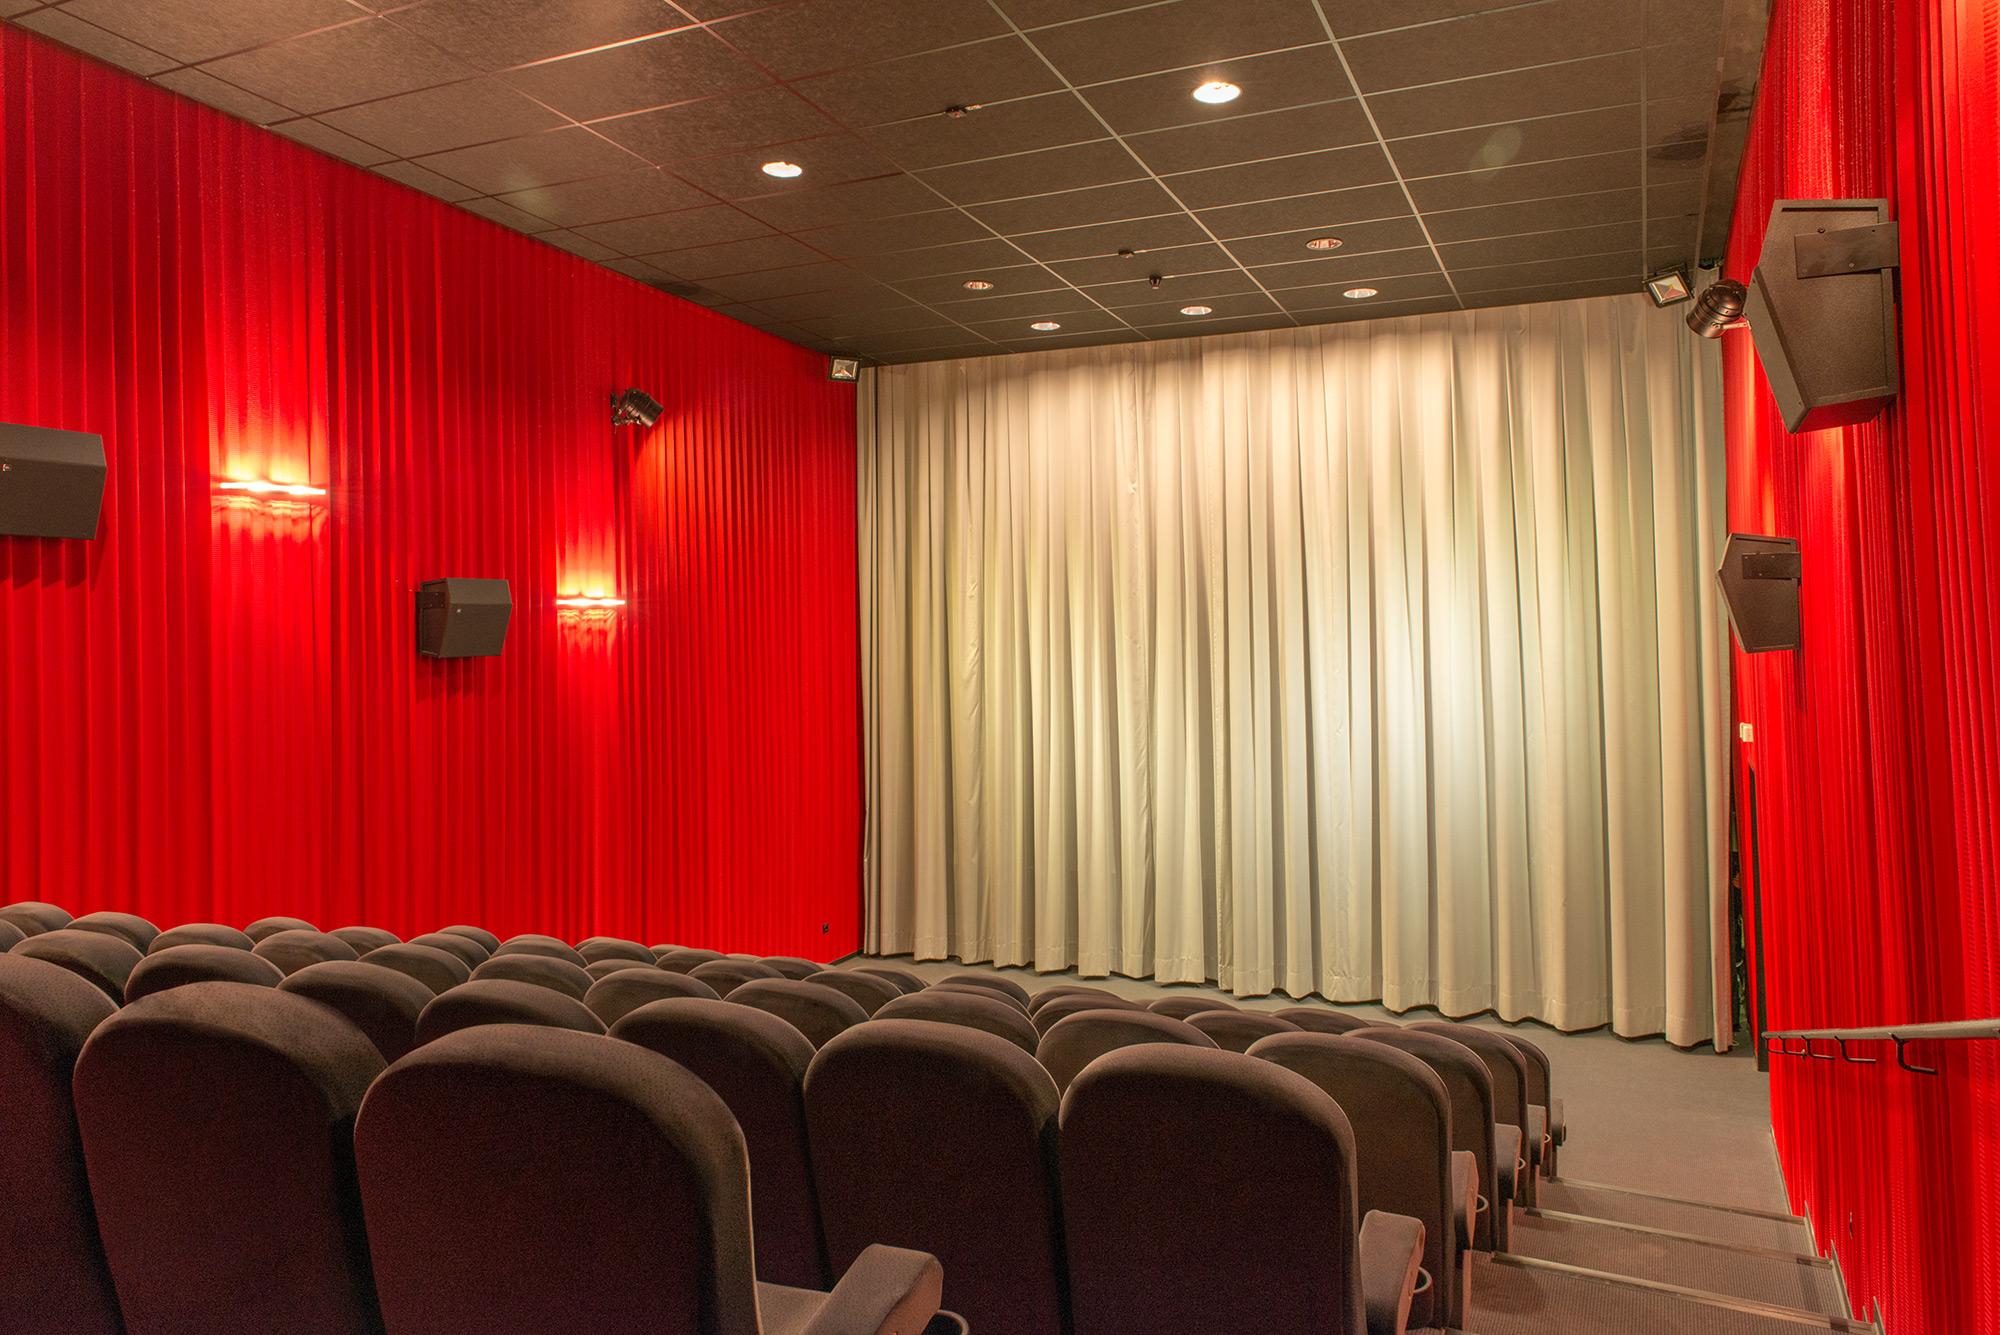 Kino 4 mit 76 Plätzen